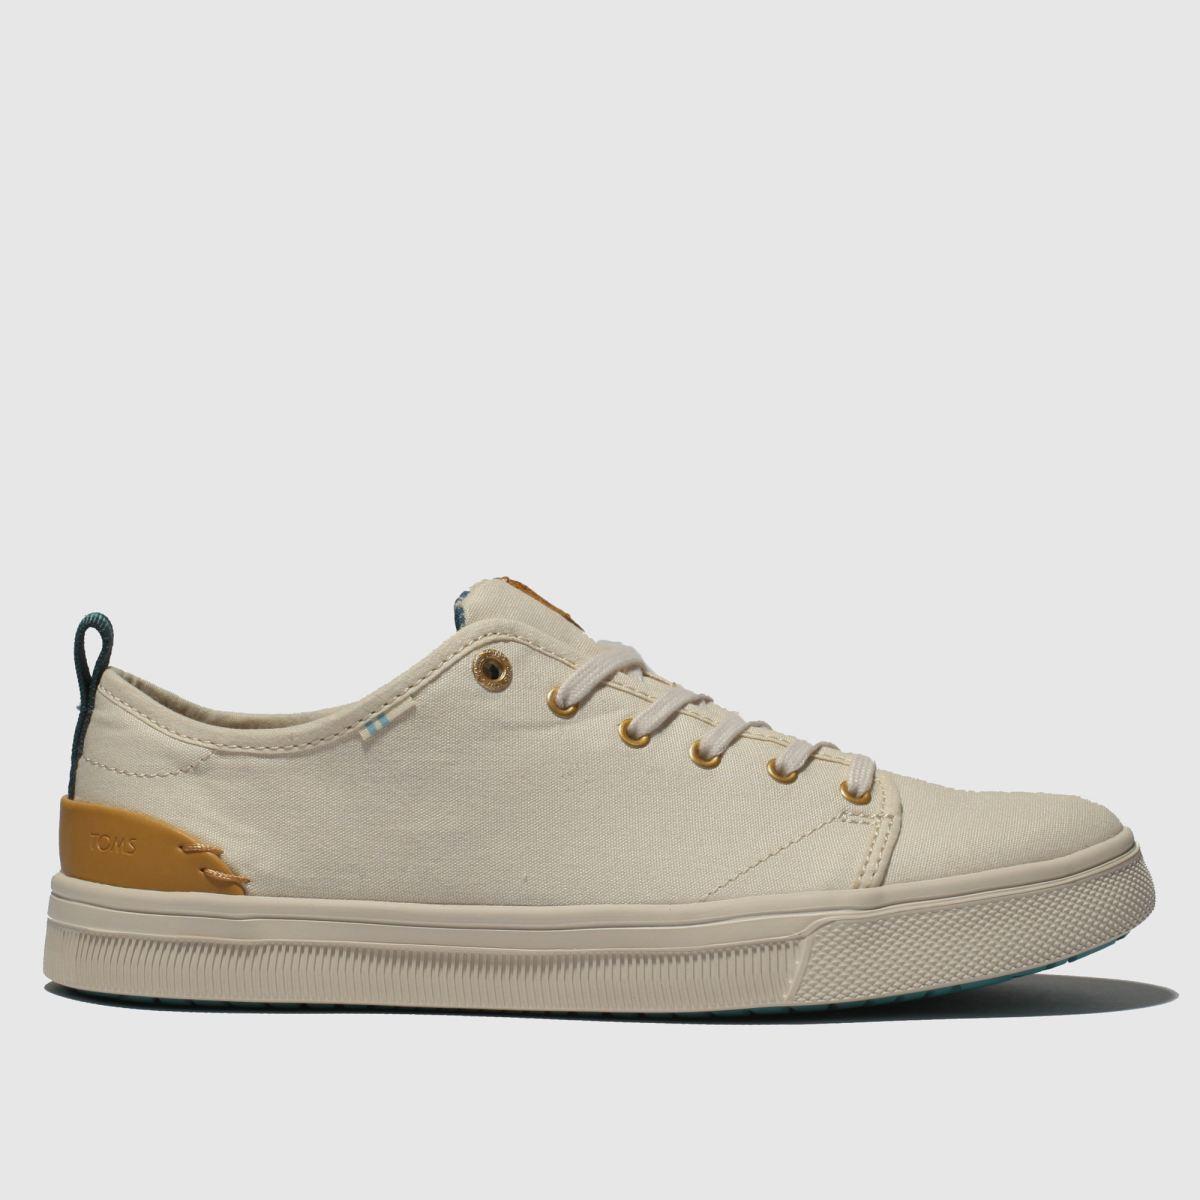 Toms White Trvl Lite Low Flat Shoes